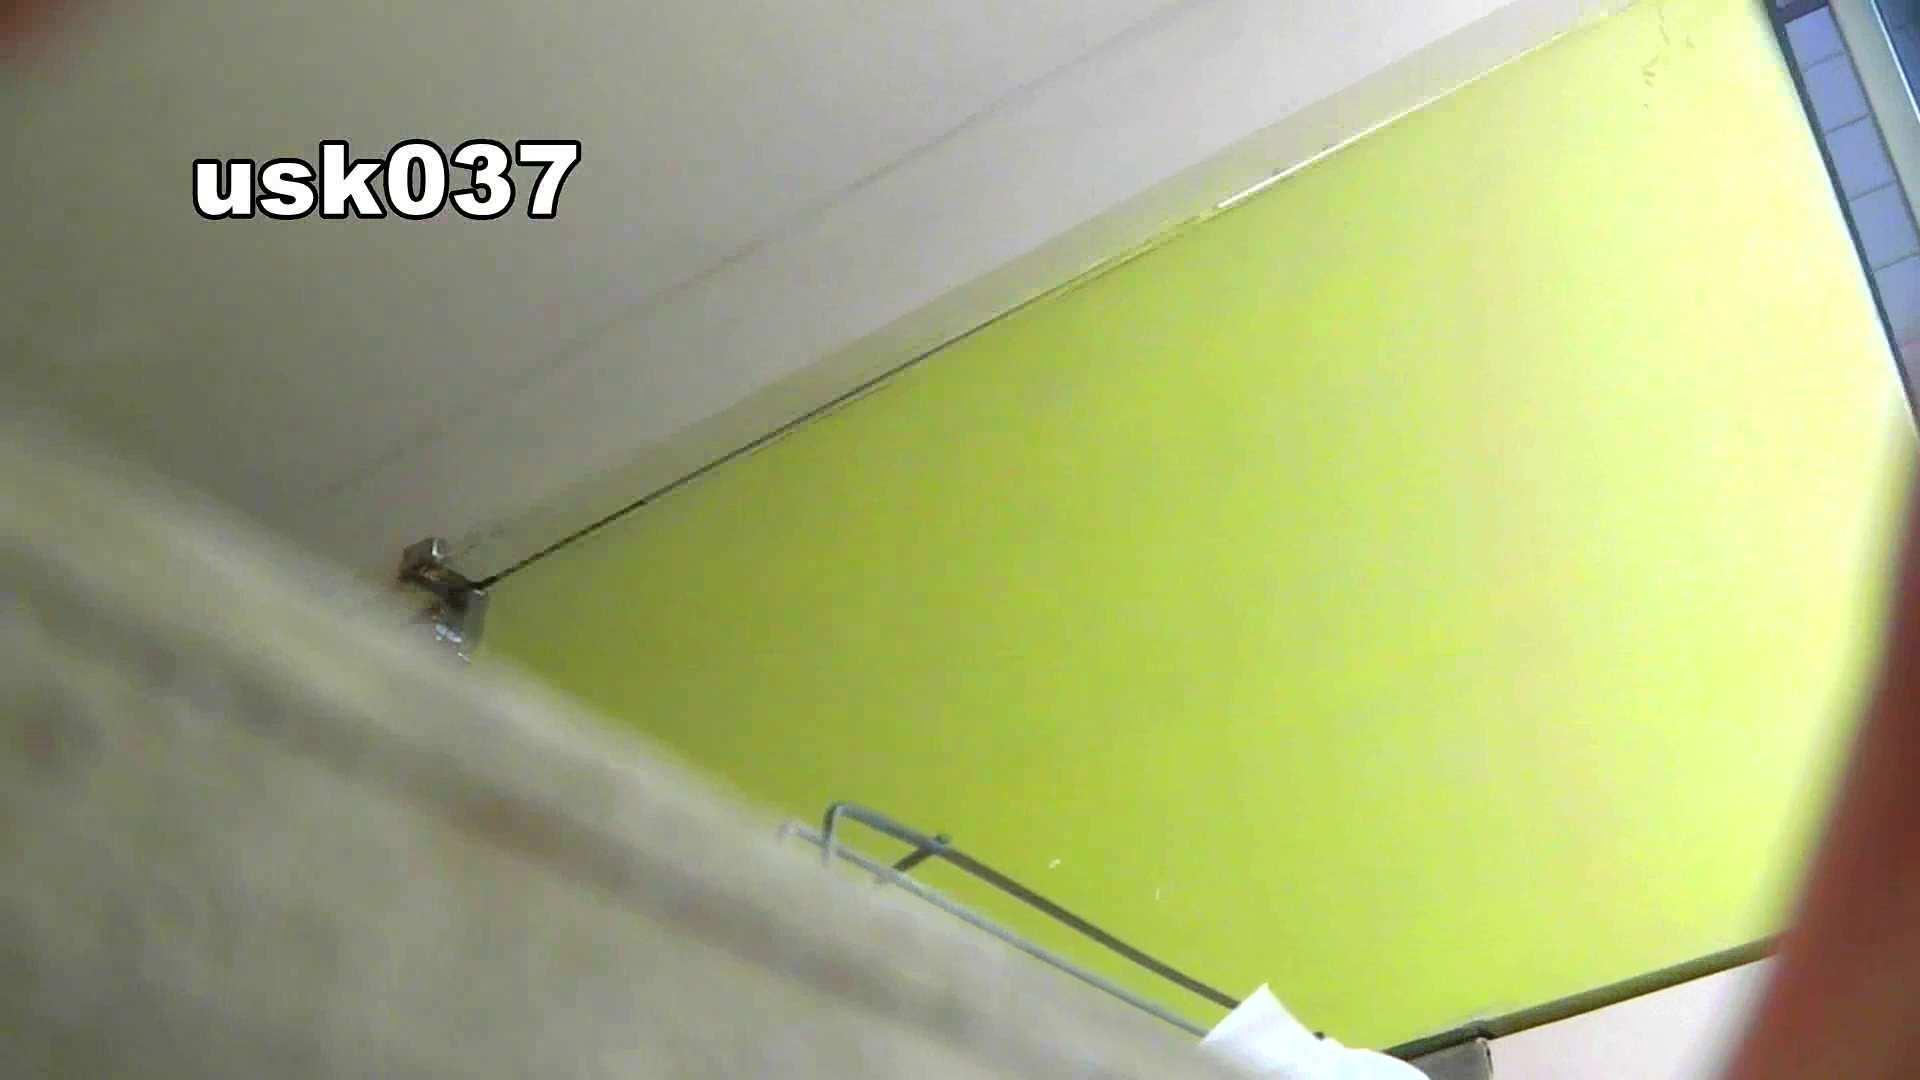 【美しき個室な世界】 vol.037 ひねり出す様子(フトイです) 洗面所 | 高評価  51画像 37